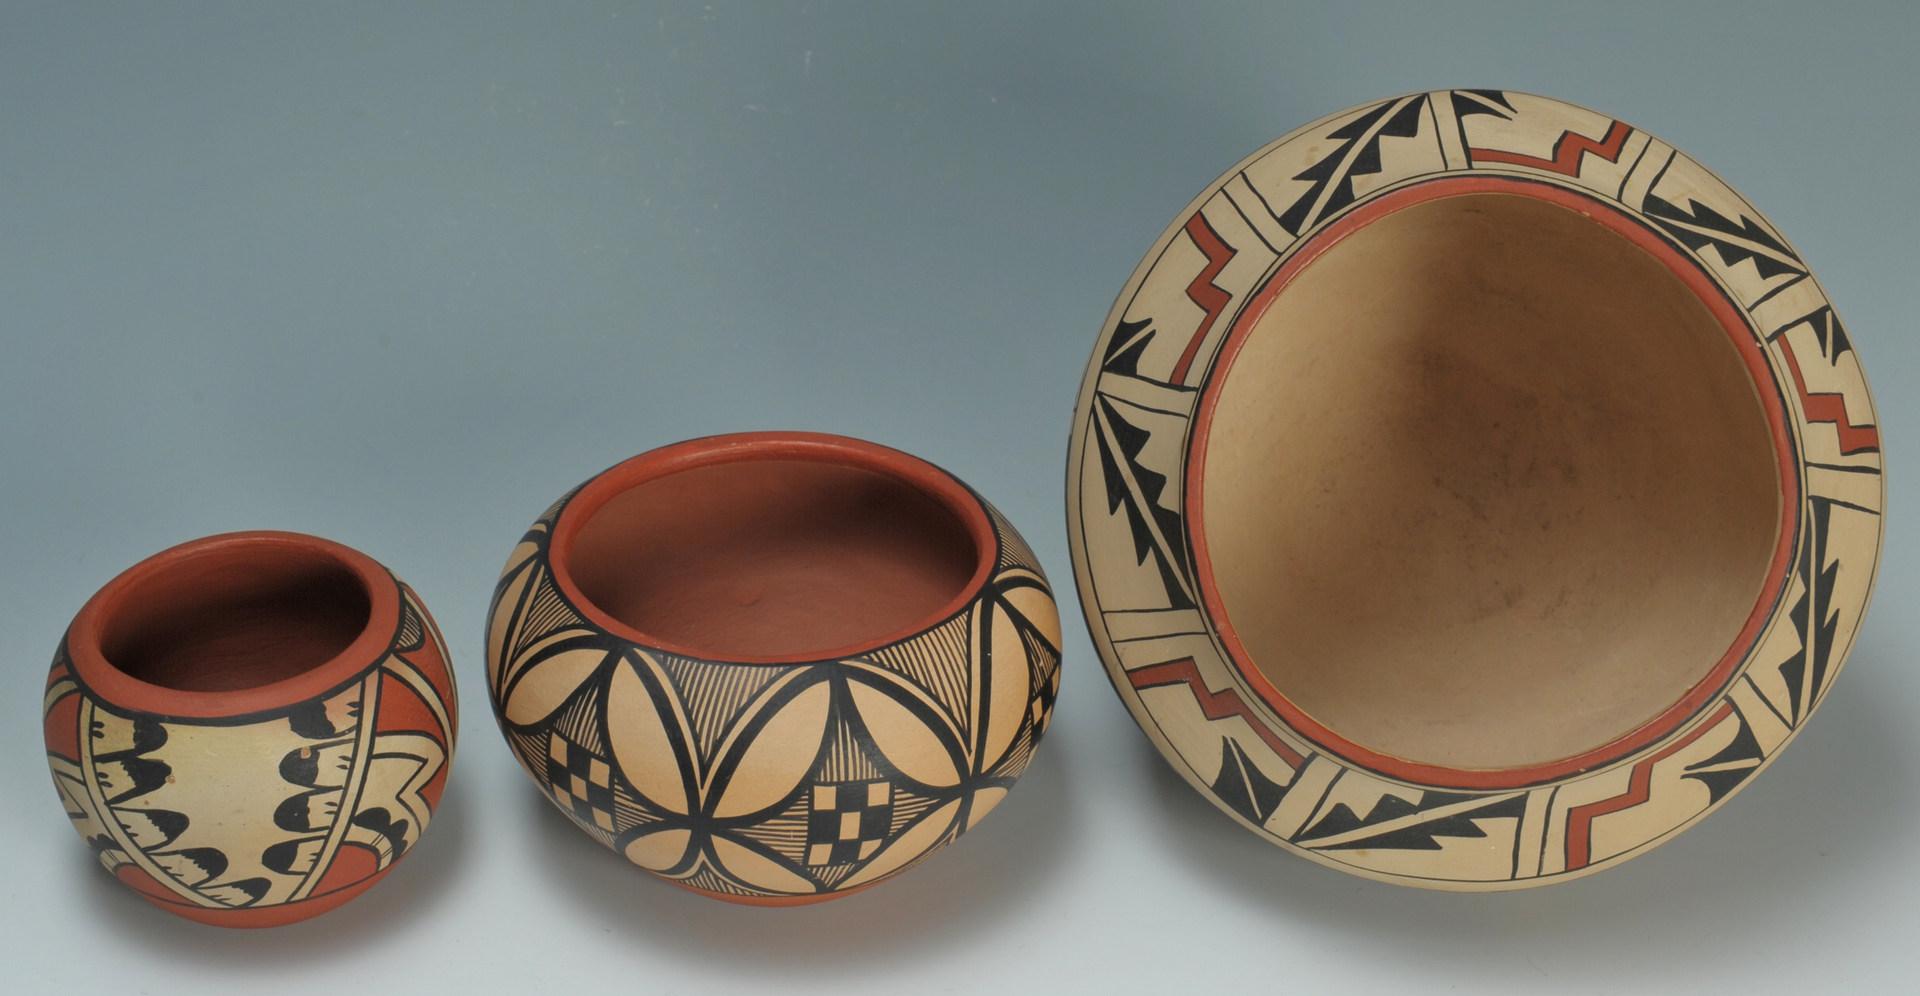 Lot 532: 4 pcs Jemez Pueblo Pottery, signed